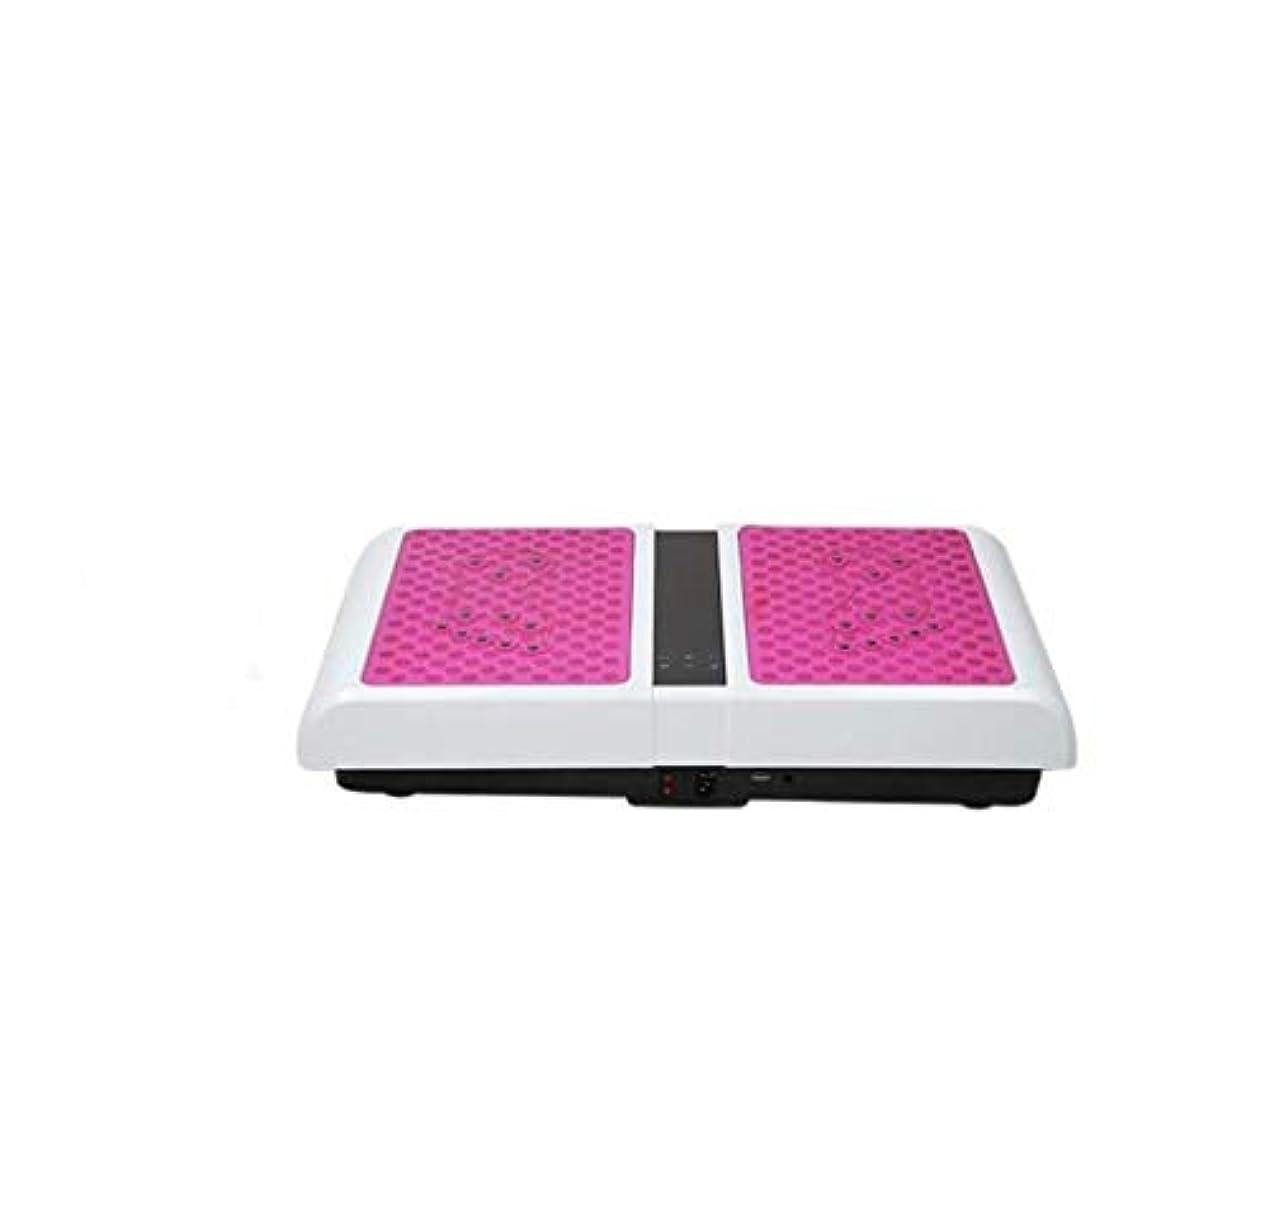 ライナーフェッチフェデレーション減量機、運動衝撃吸収フィットネスモデル減量機ユニセックス振動板、家族/ジムに適しています(最大負荷150KG) (Color : ピンク)